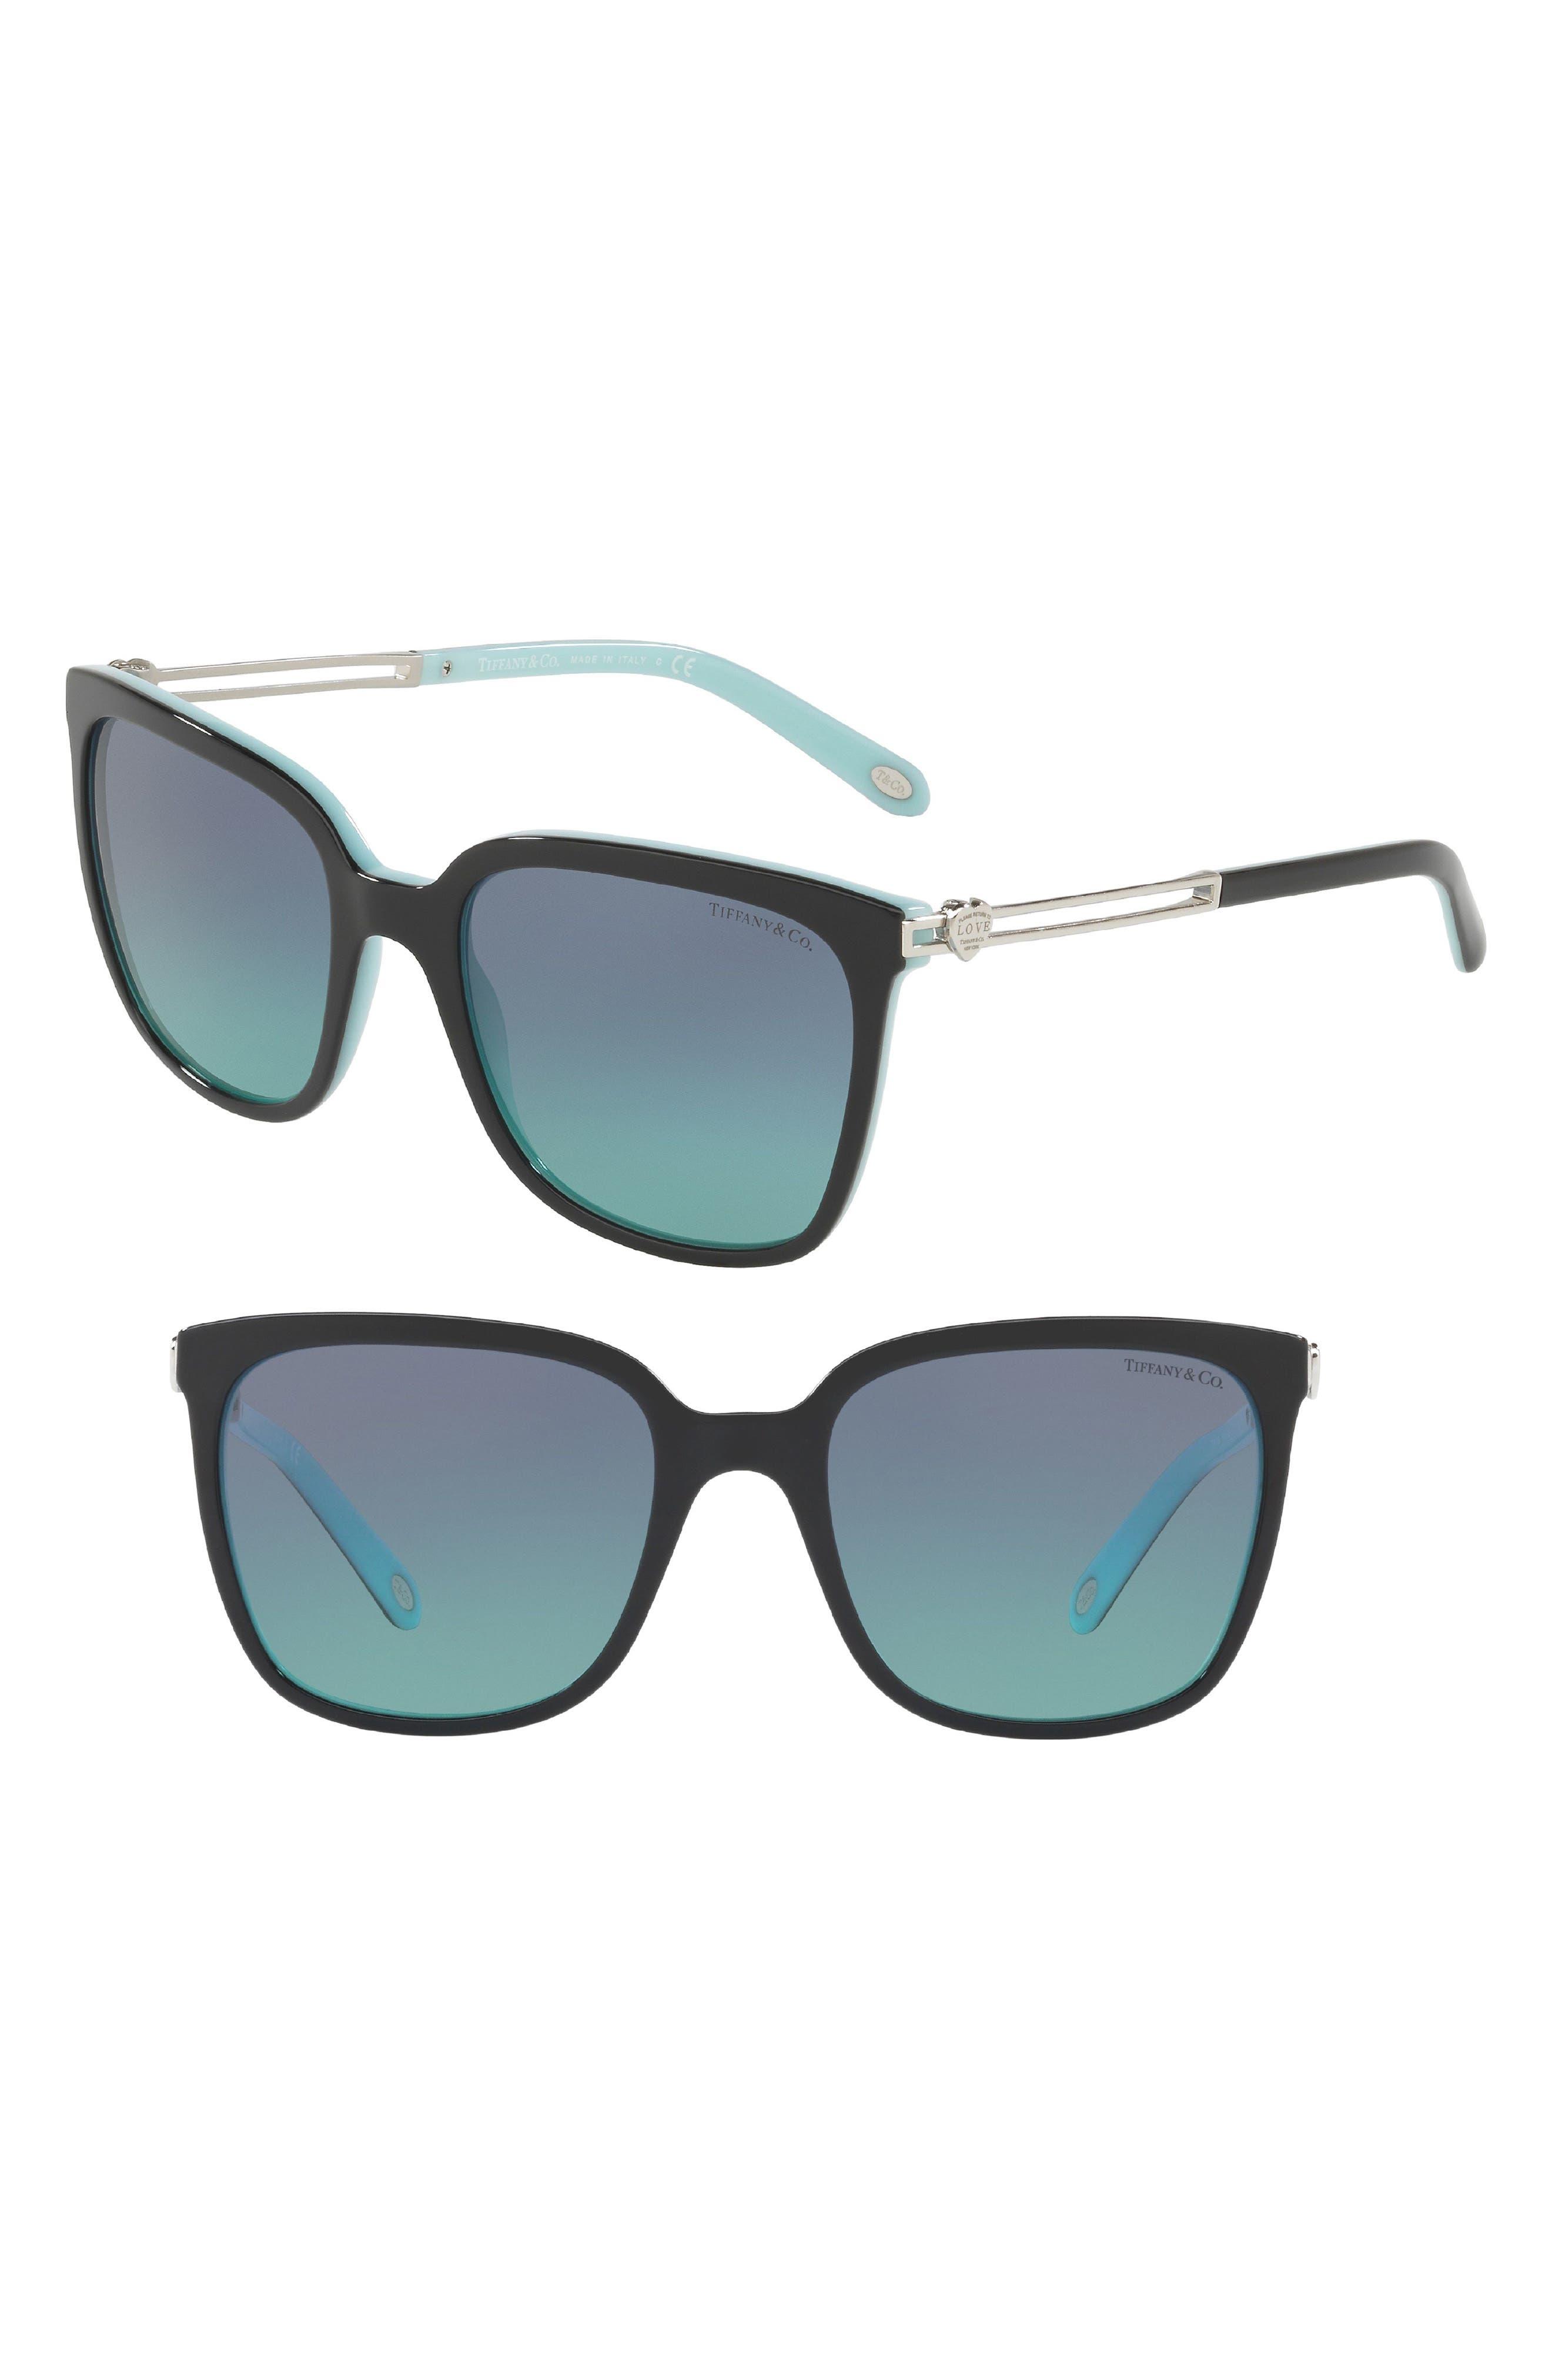 d22b17c59dda Tiffany 5m Sunglasses - Black  Blue Gradient